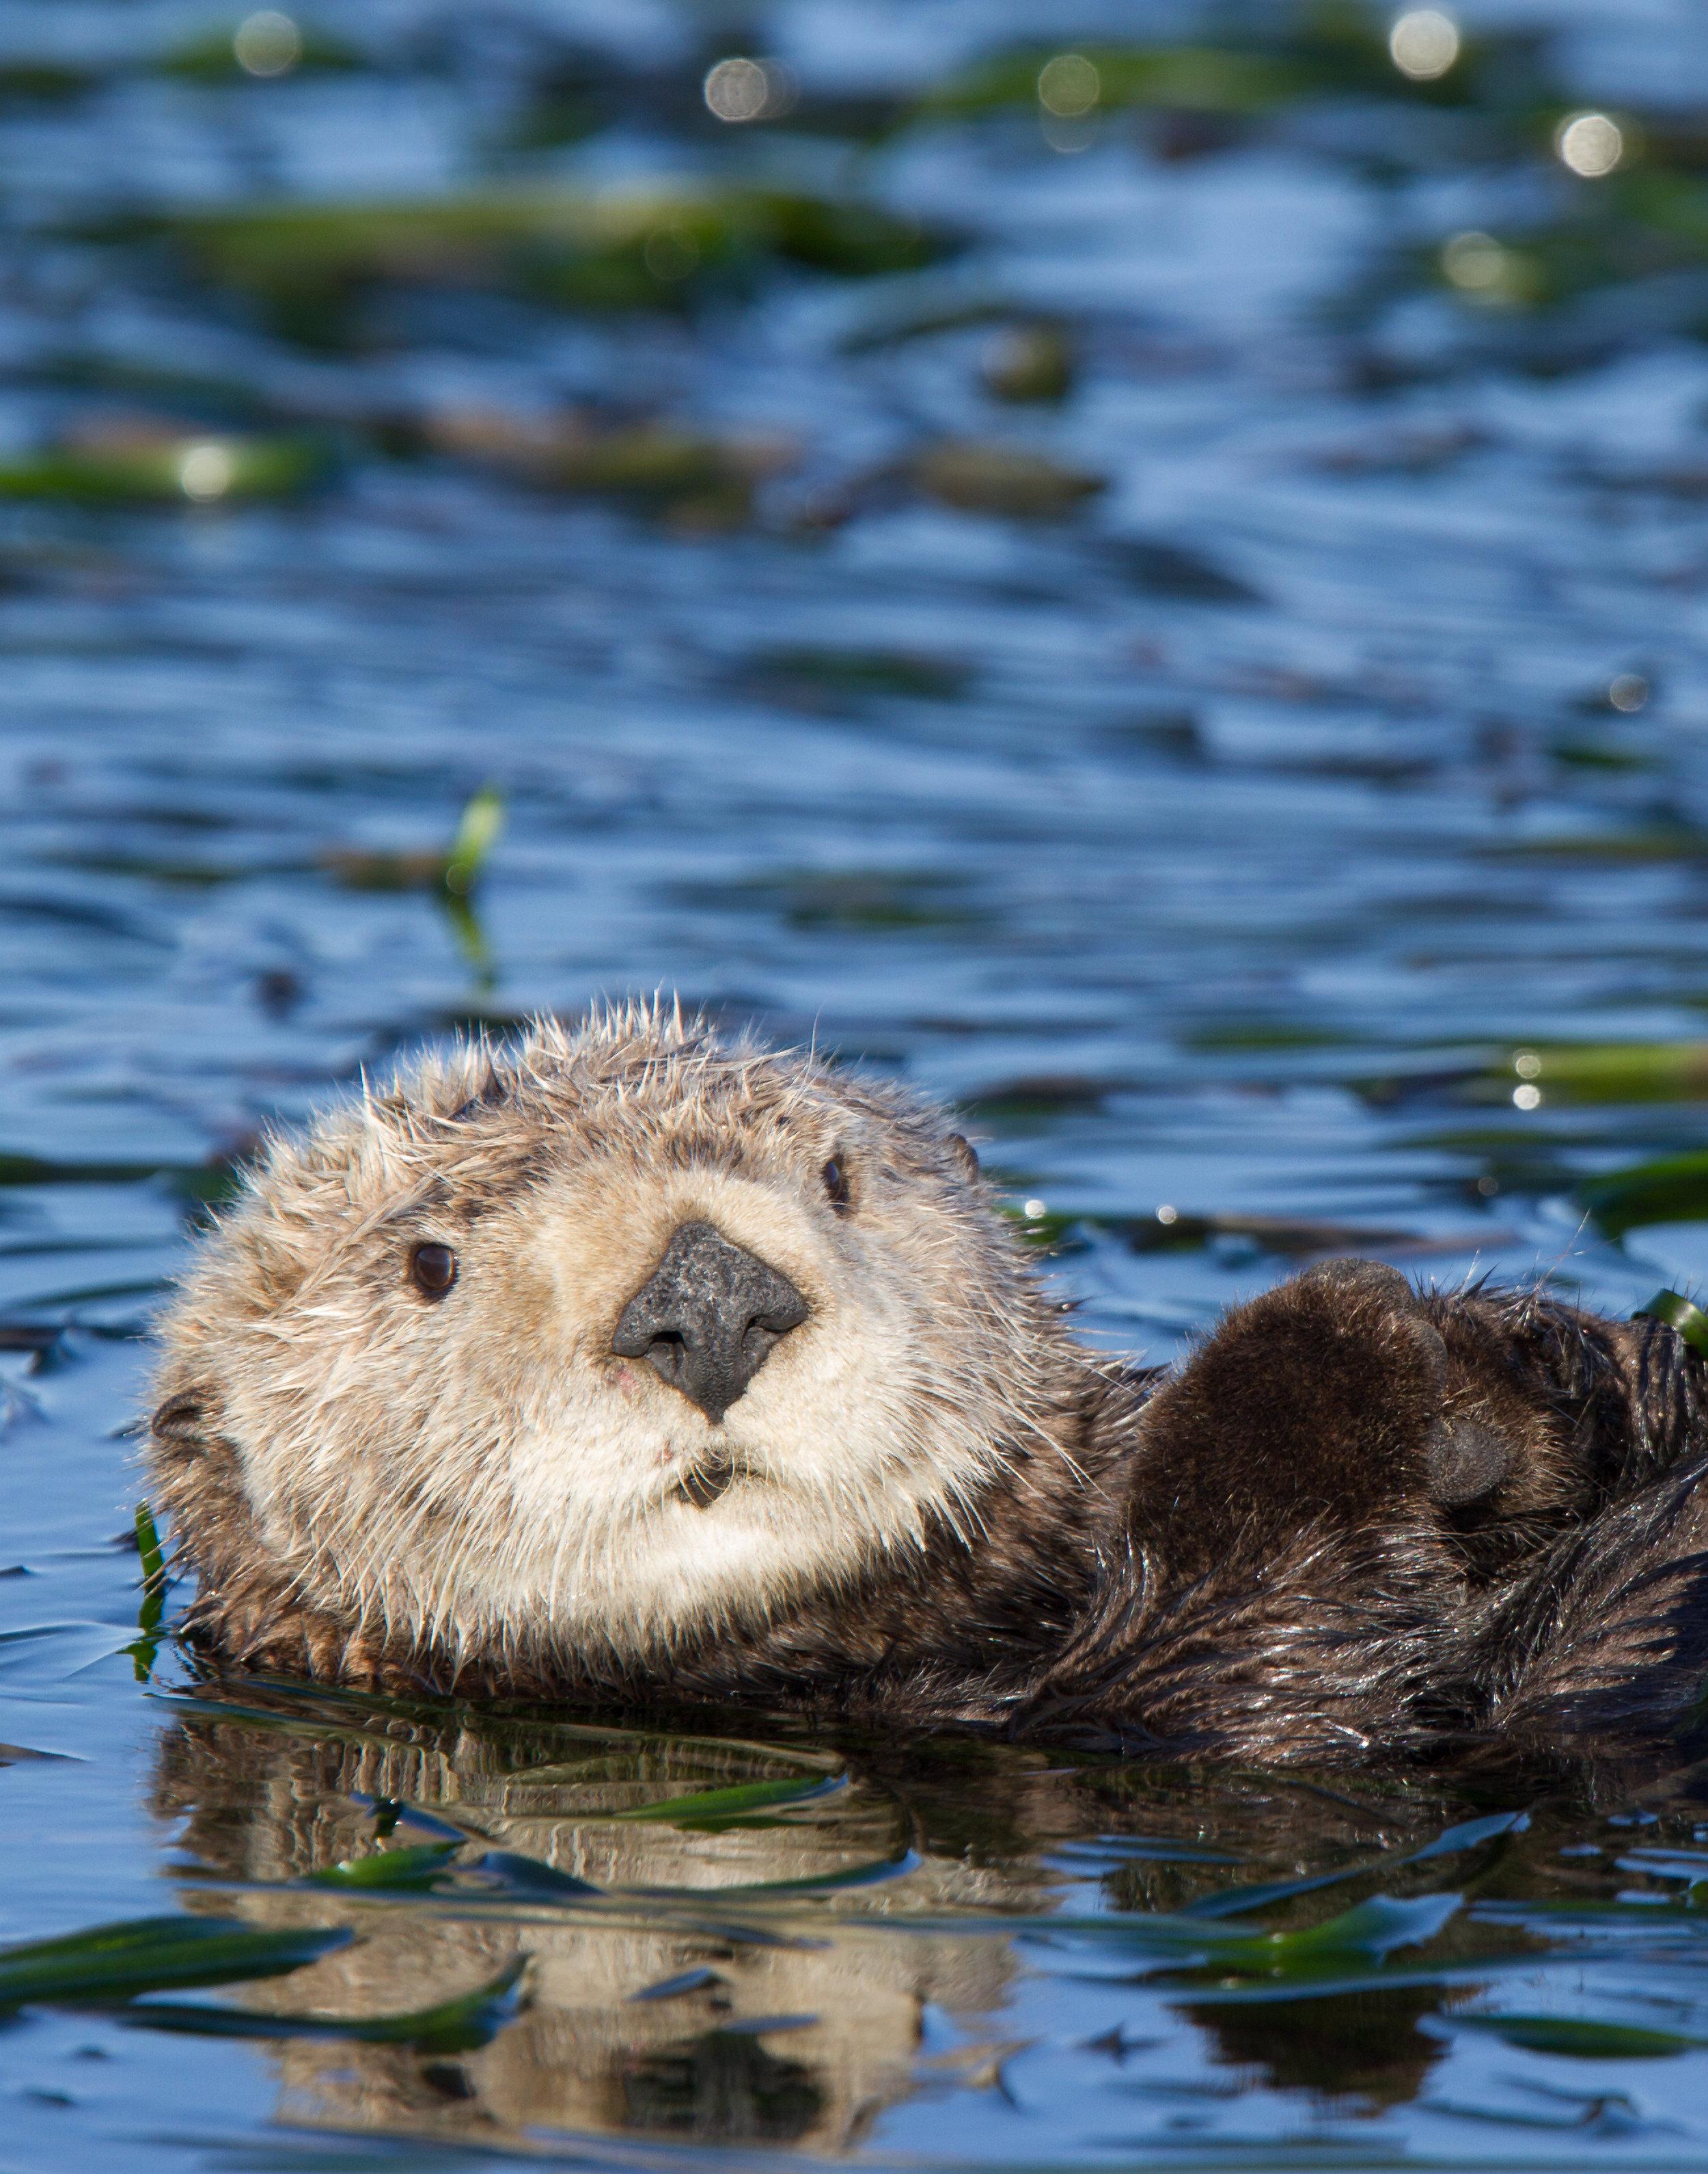 Otter_MG_0905 - 2013-12-01.jpg